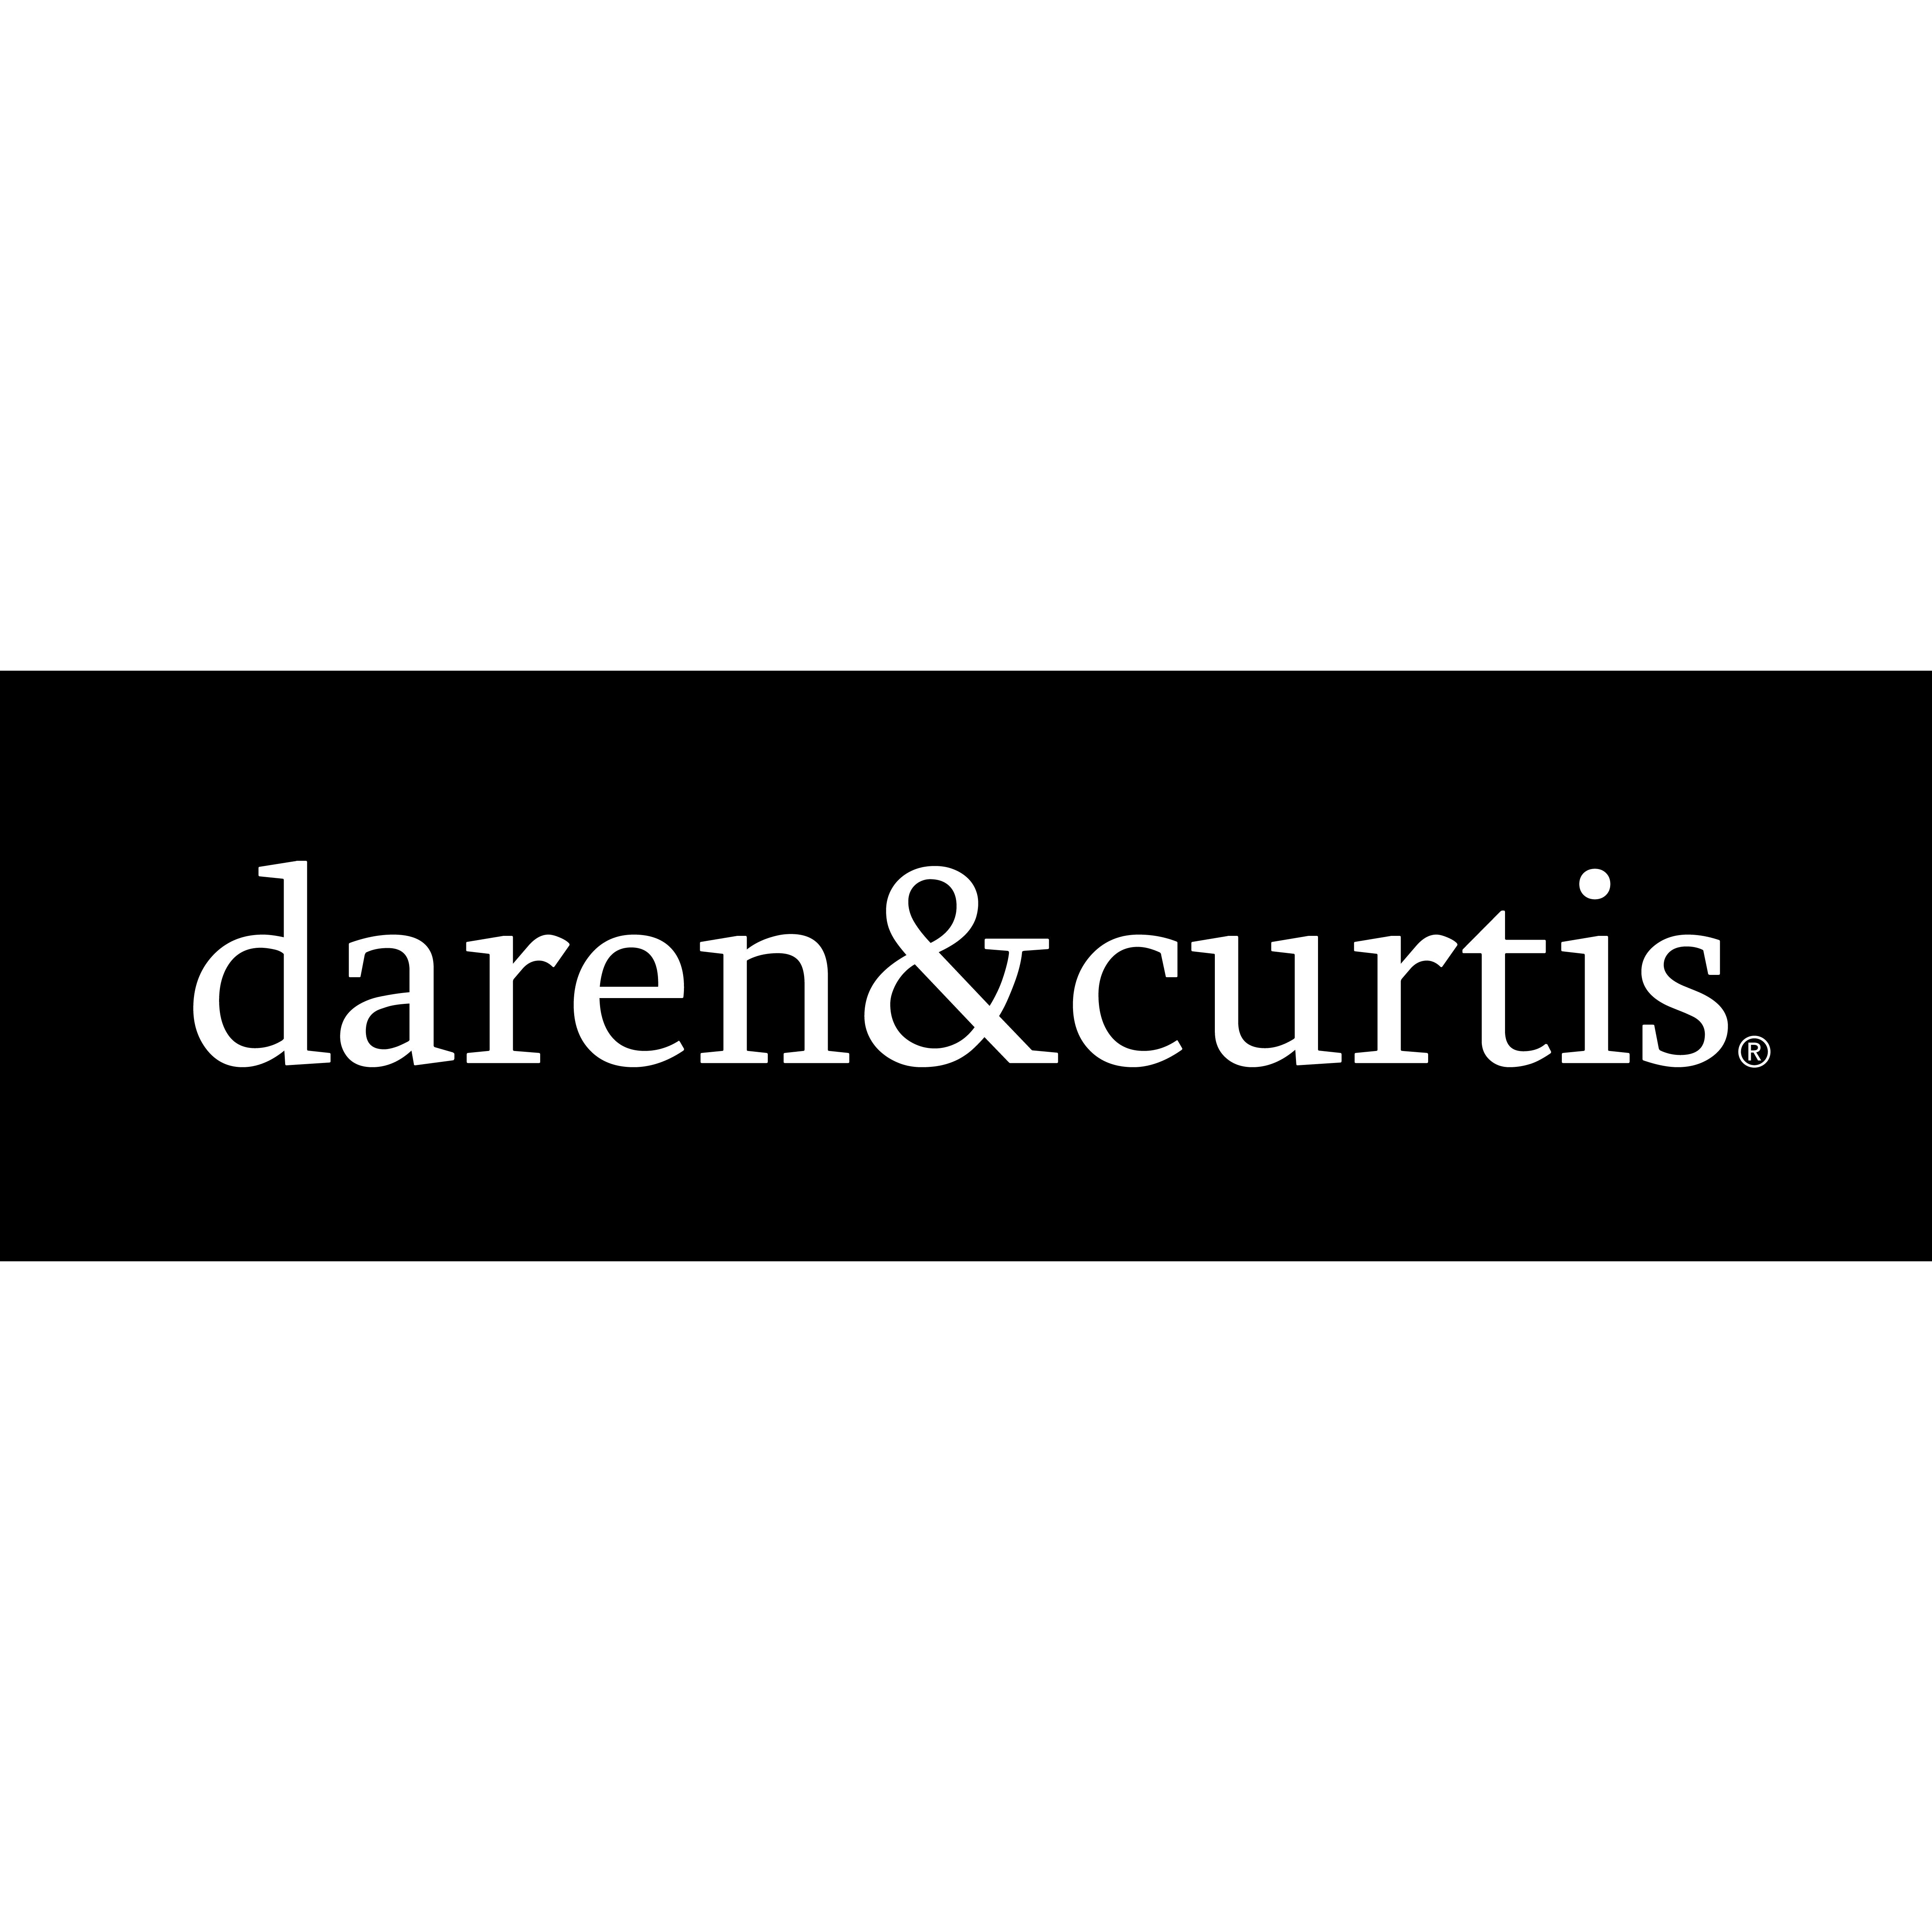 daren&curtis, a chatbot developer